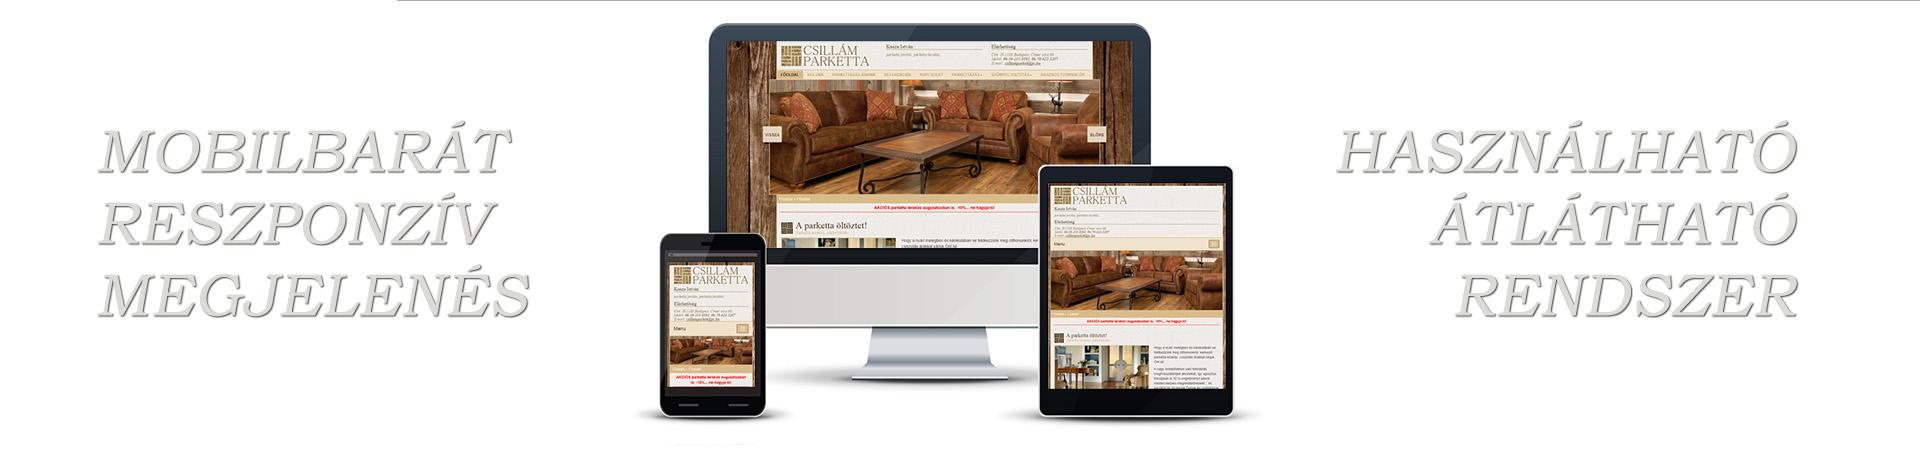 Honlapkészítés, keresőoptimalizálás, weboldal készítés, webáriház készítés - Mobilbarát Reszponzív Honlapkészítés